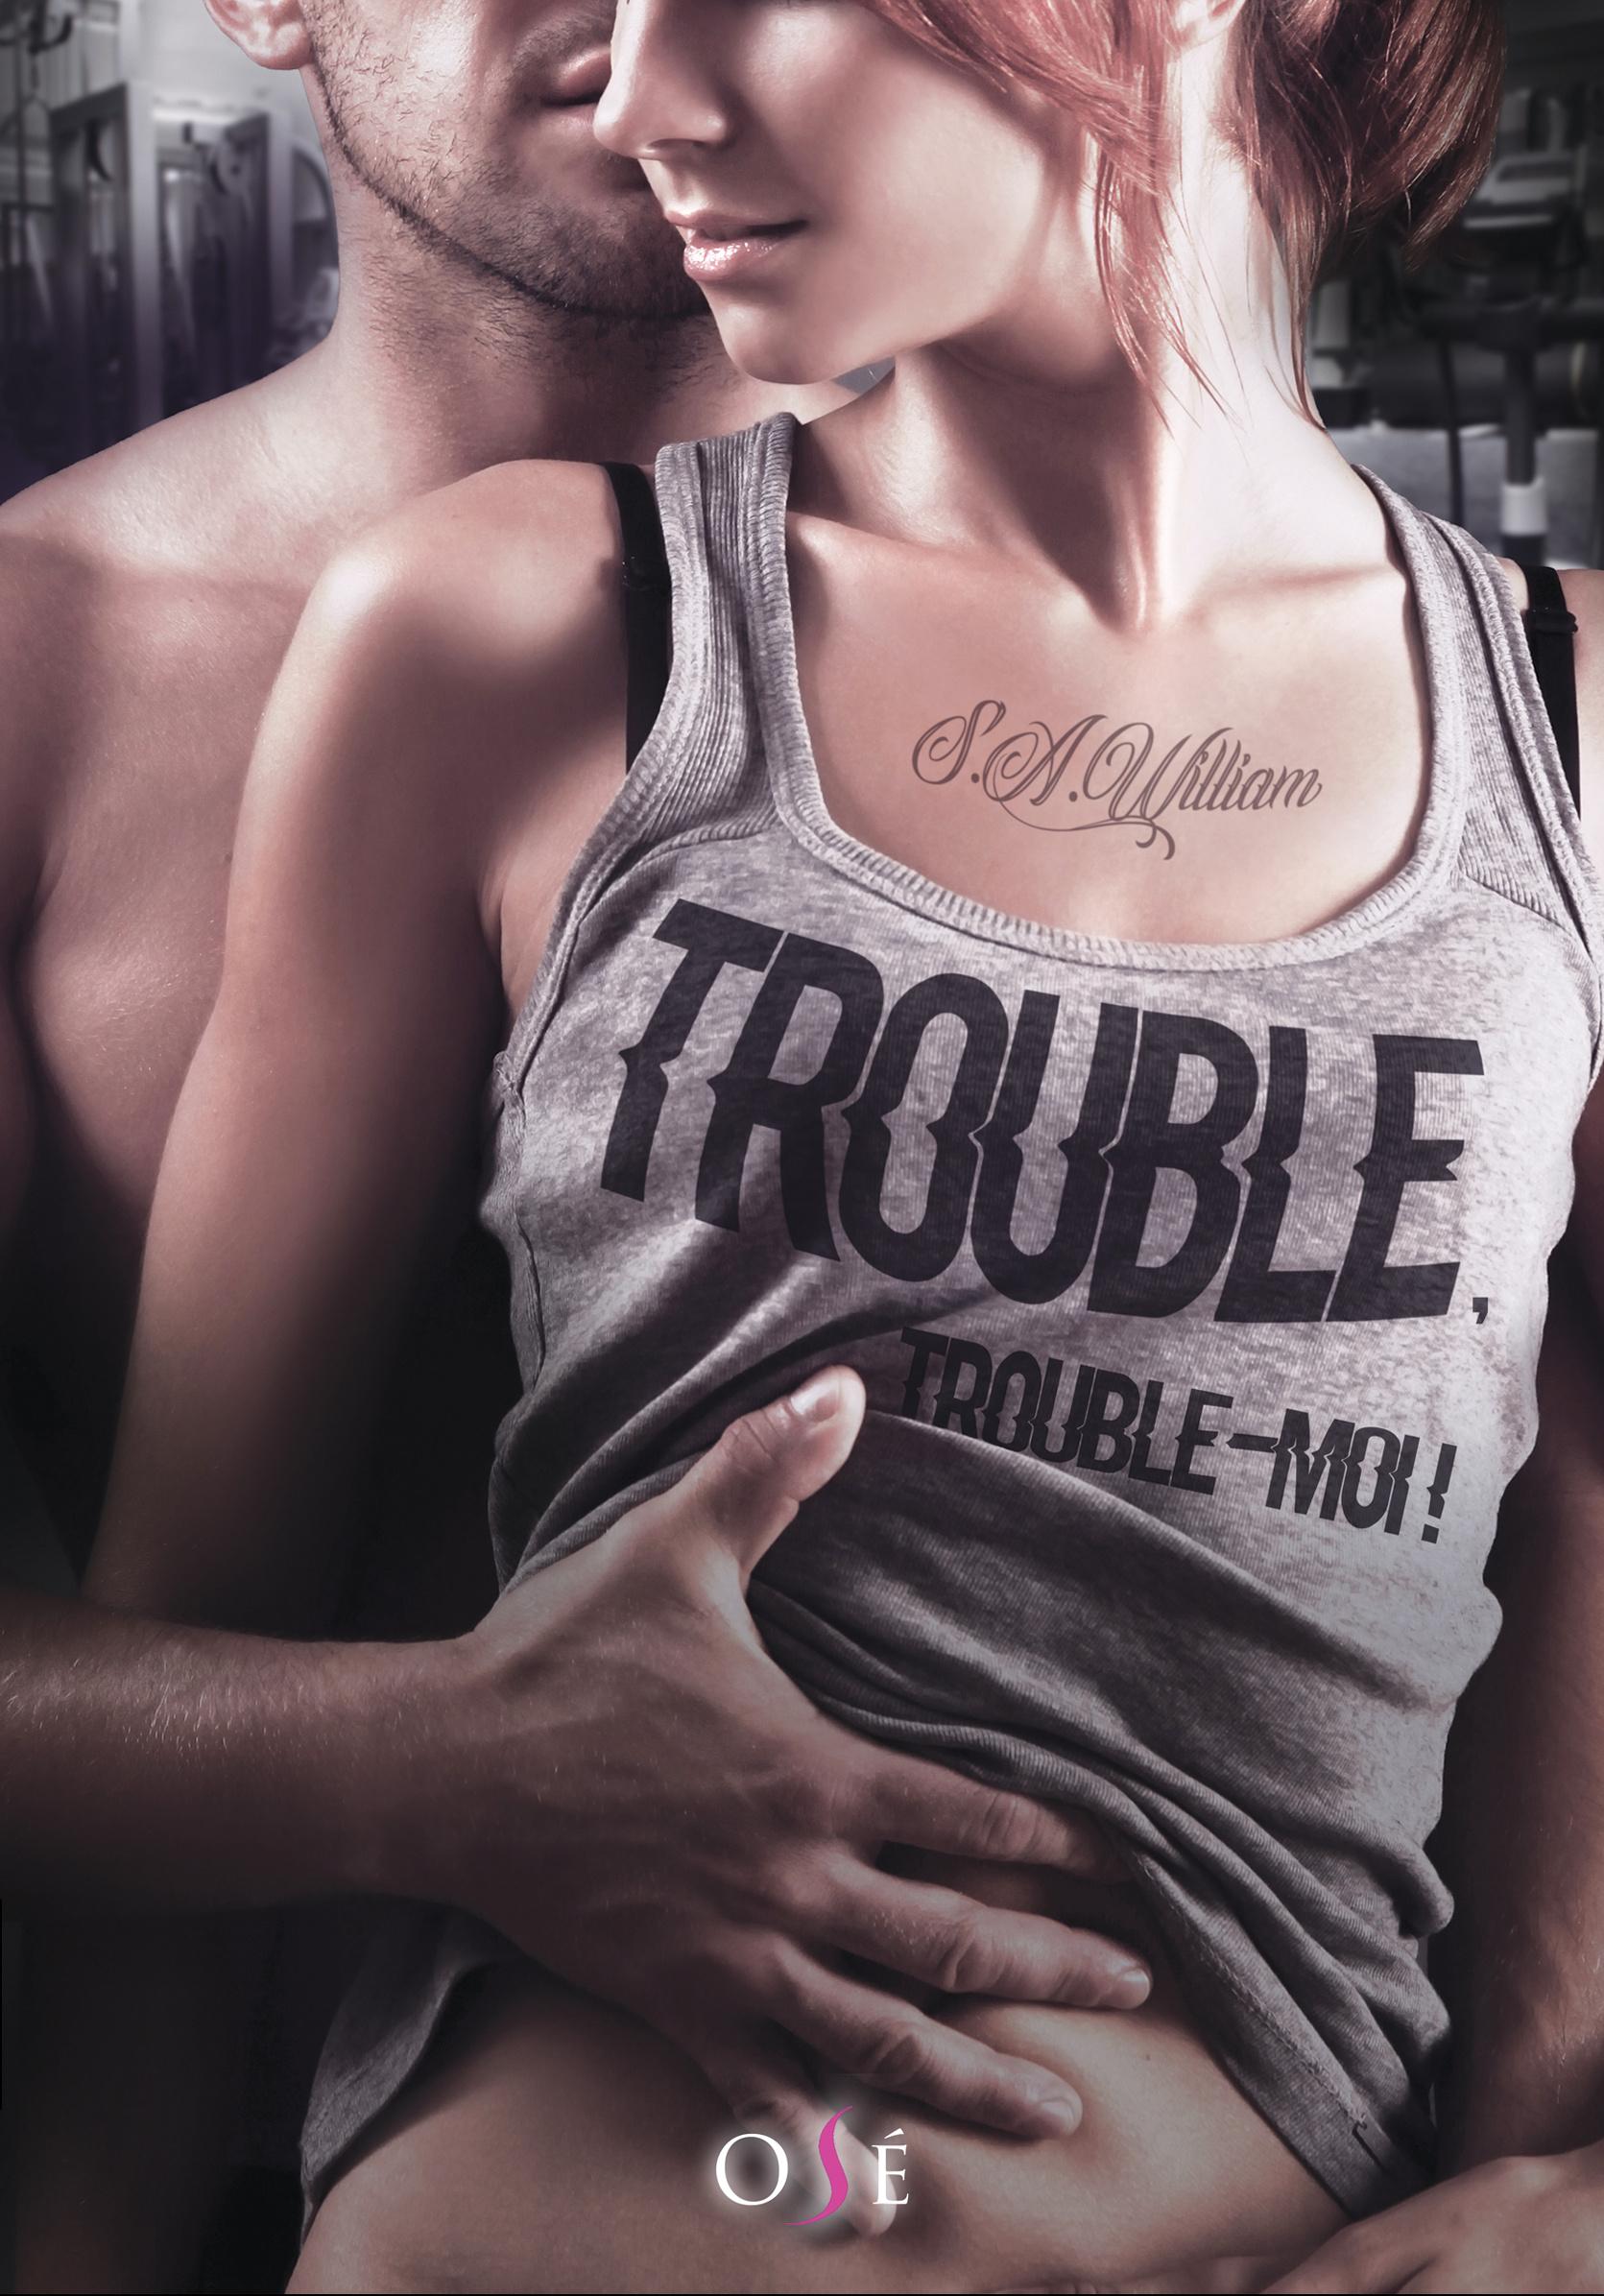 Trouble, trouble-moi de S.A. Williams Trouble-trouble-moi-965031